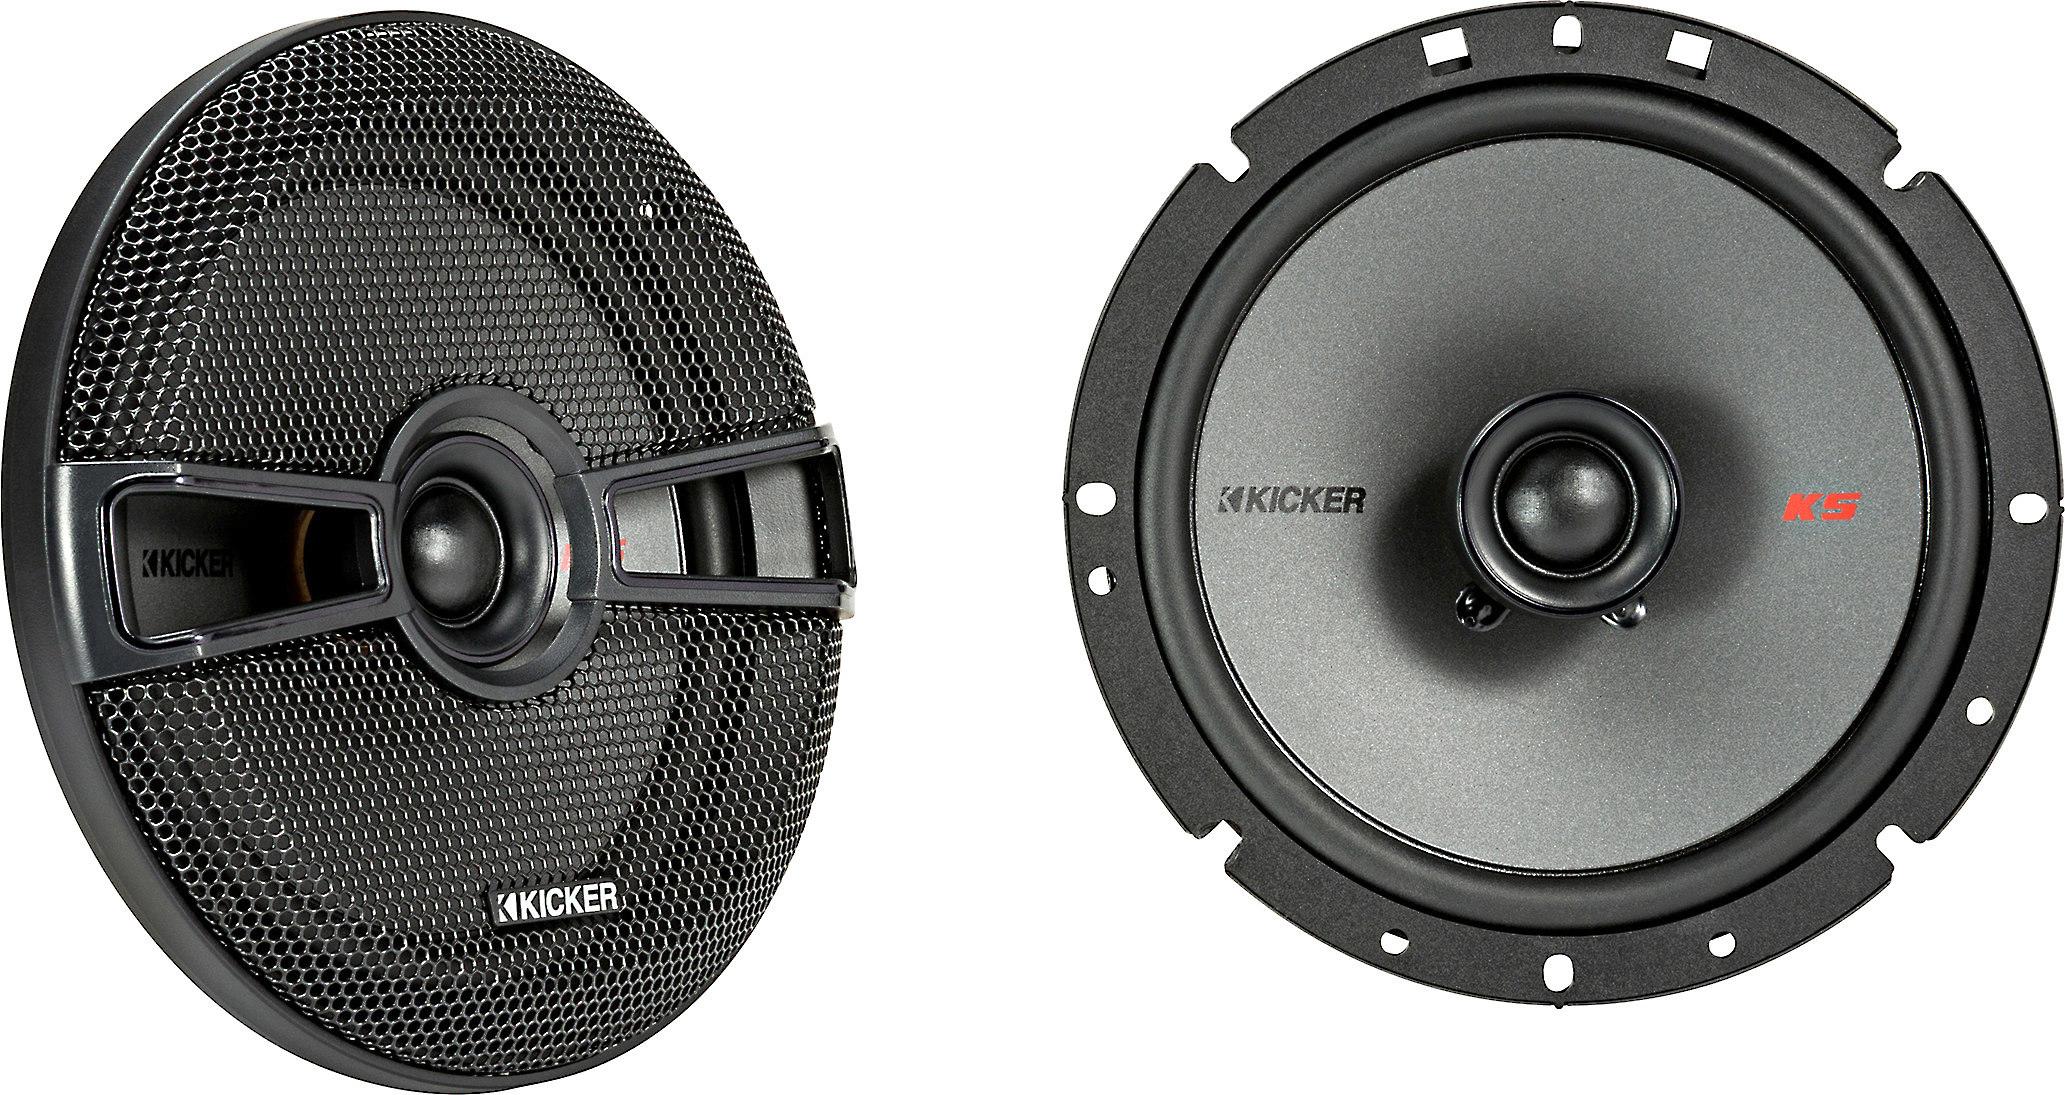 2 pairs of Kicker 6.75 Inch KS-Series Speakers 41KSC674 Kicker Speaker Bundle